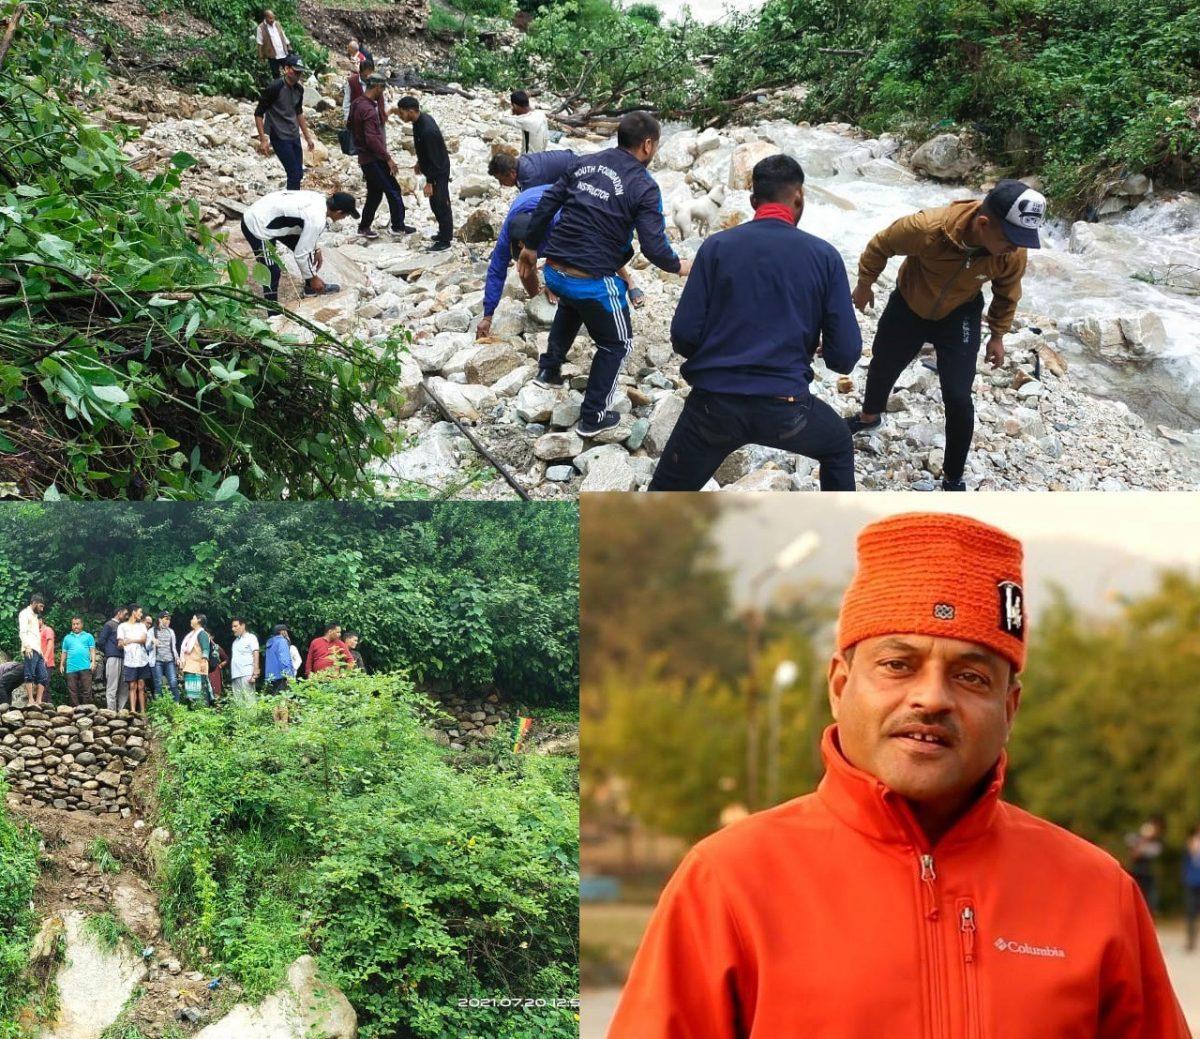 उत्तरकाशी दौरे पर निकले आप नेता कर्नल अजय कोठियाल, सभी आपदाग्रस्त इलाकों का करेंगे दौरा